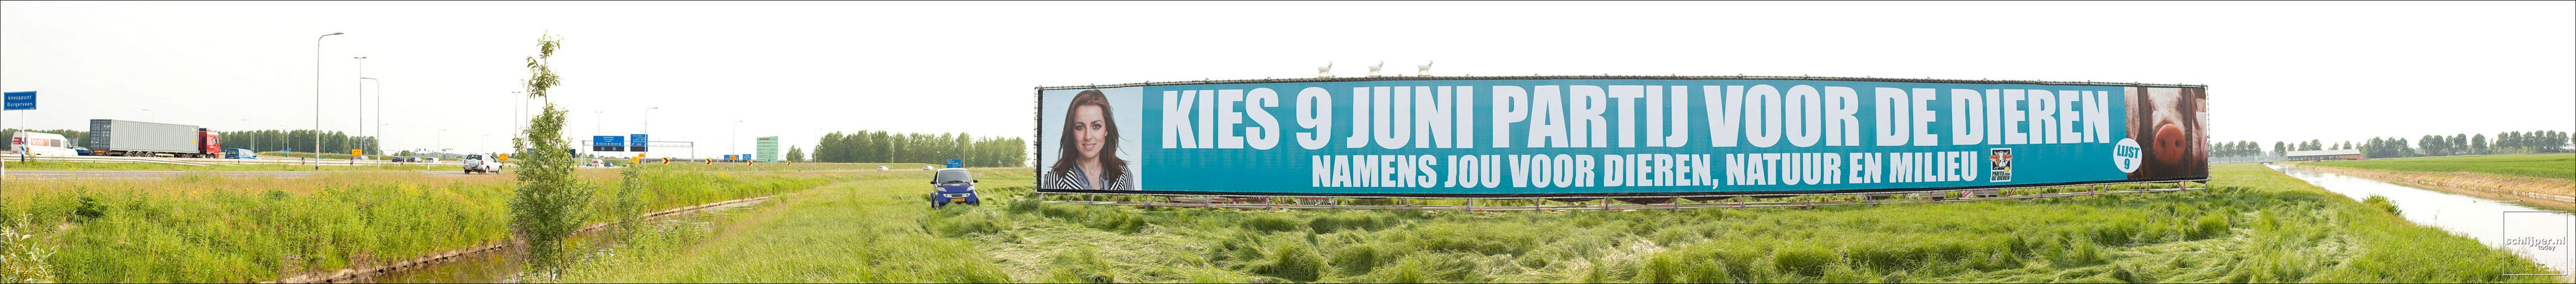 Nederland, Haarlemmermeer, 5 juni 2010